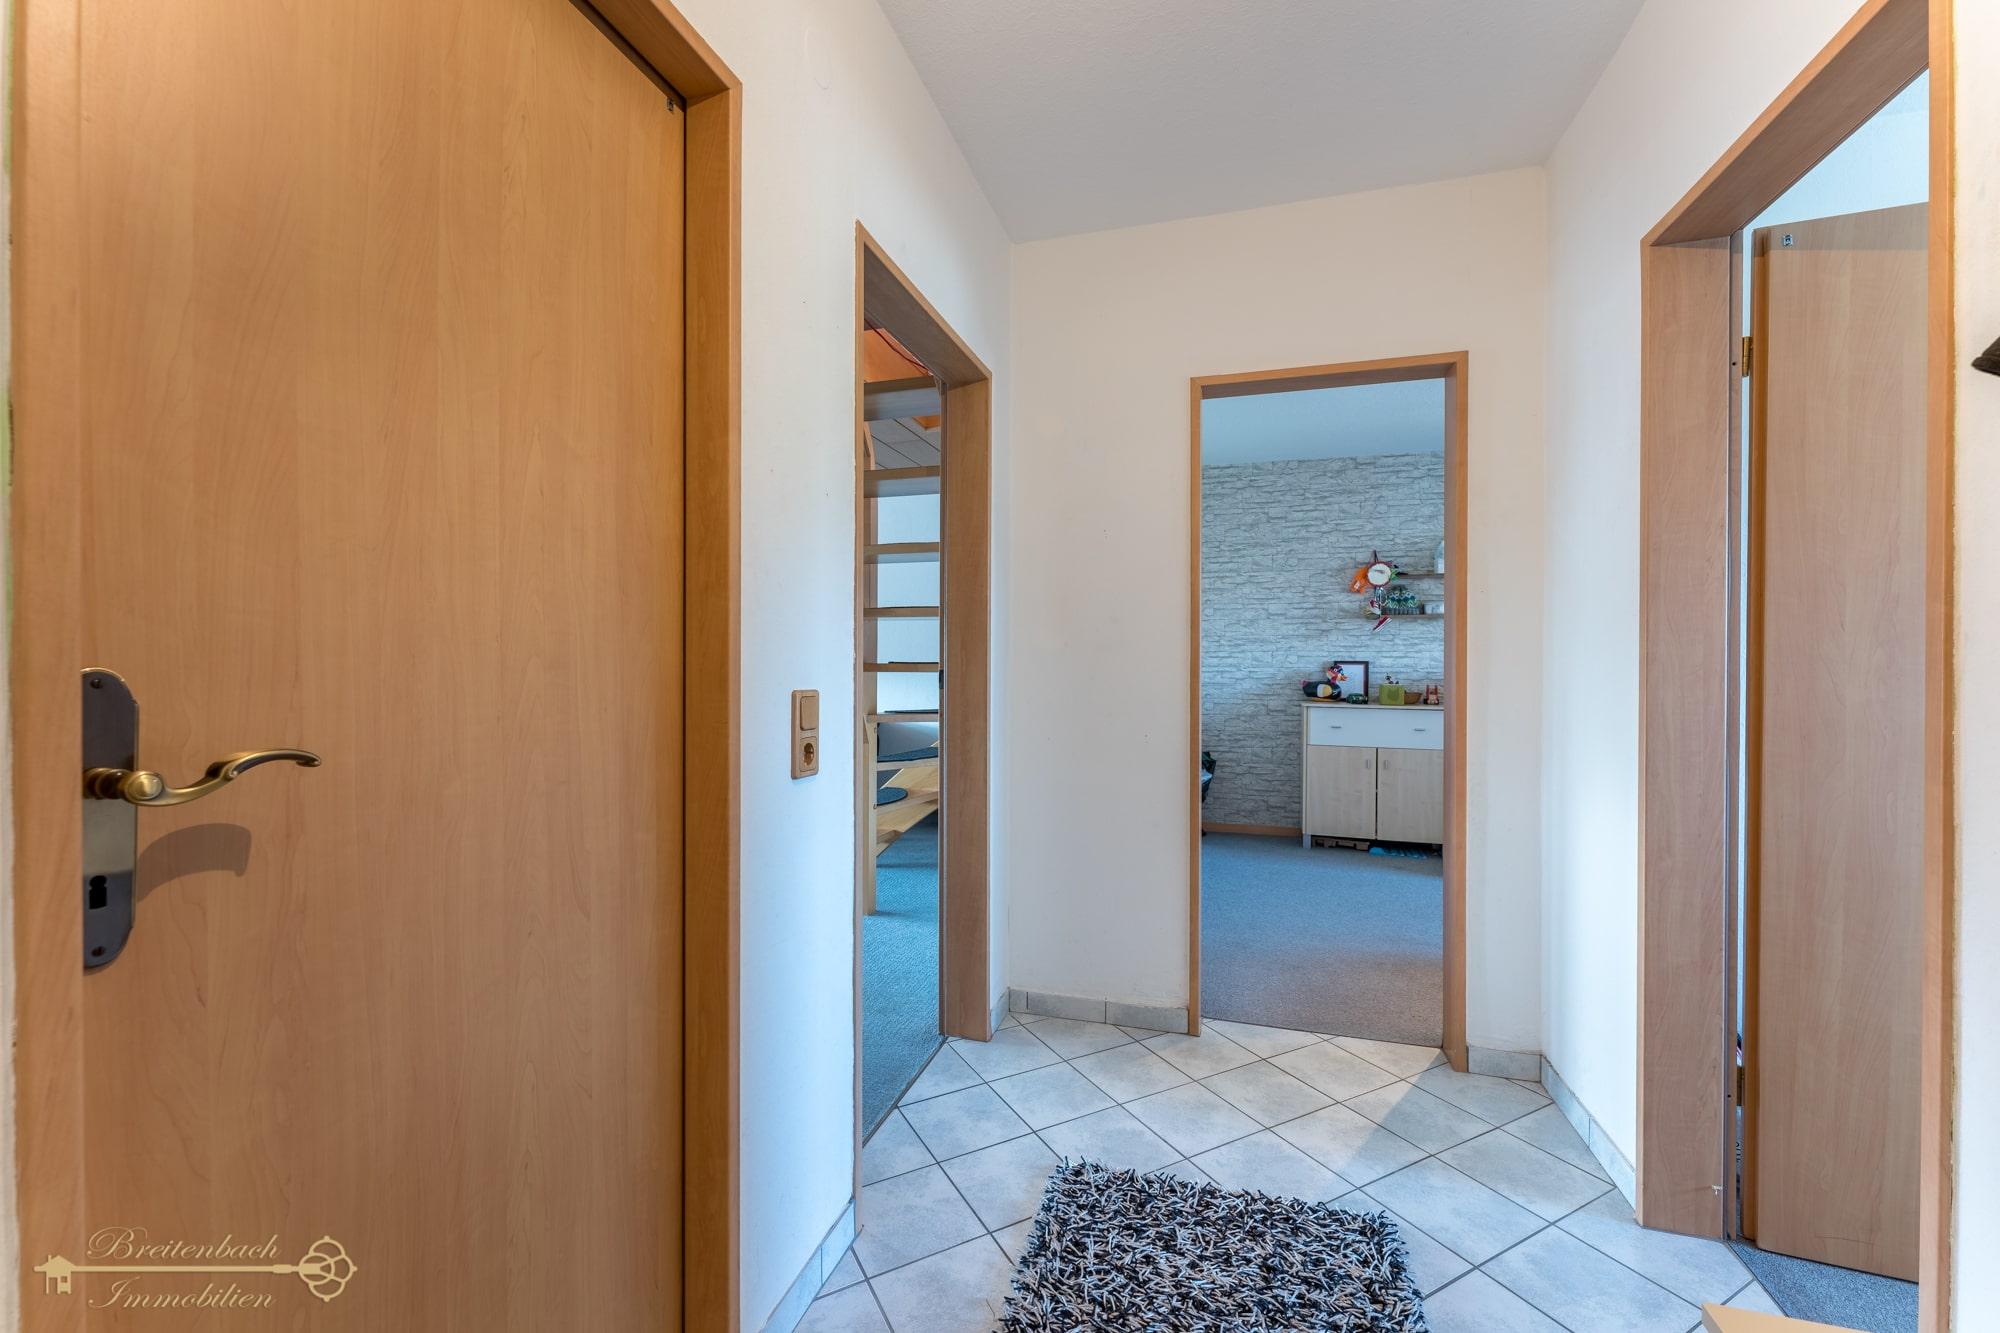 2021-04-20-Breitenbach-Immobilien-Makler-Bremen-6-min